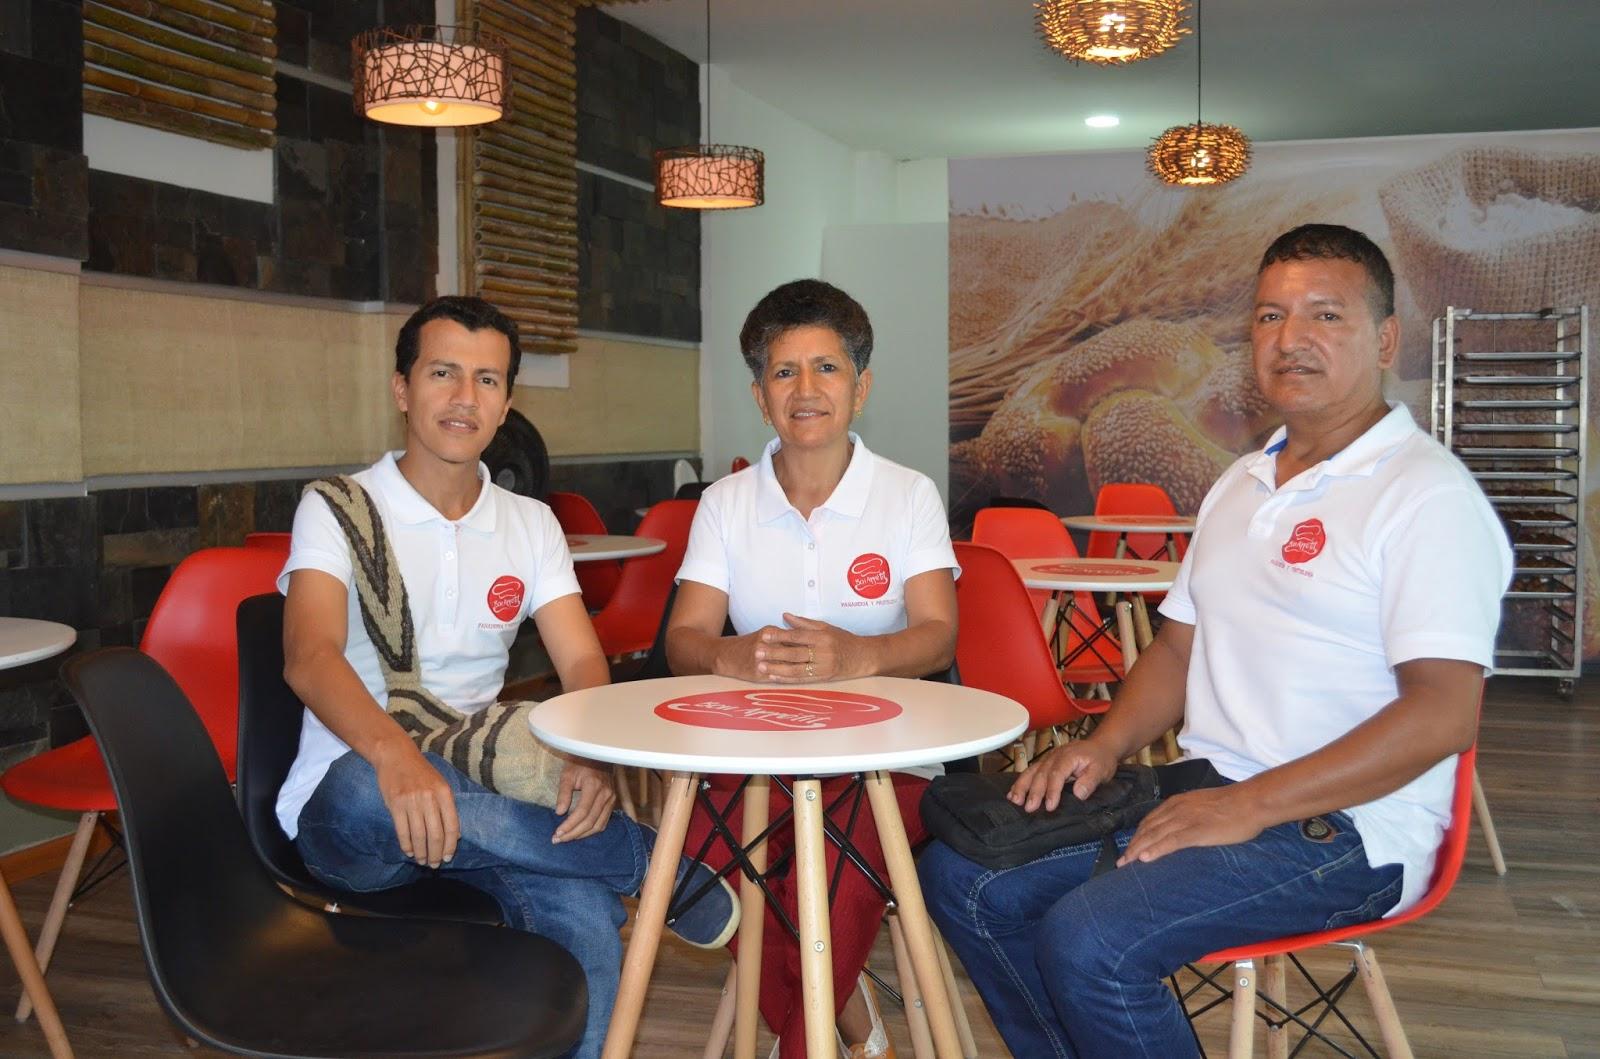 Manuel Cordero, Amparo Córdoba y Carlos Córdoba, propietarios de la panadería Bon Appetit, el primer negocio que se abre en Mocoa luego de la avalancha.